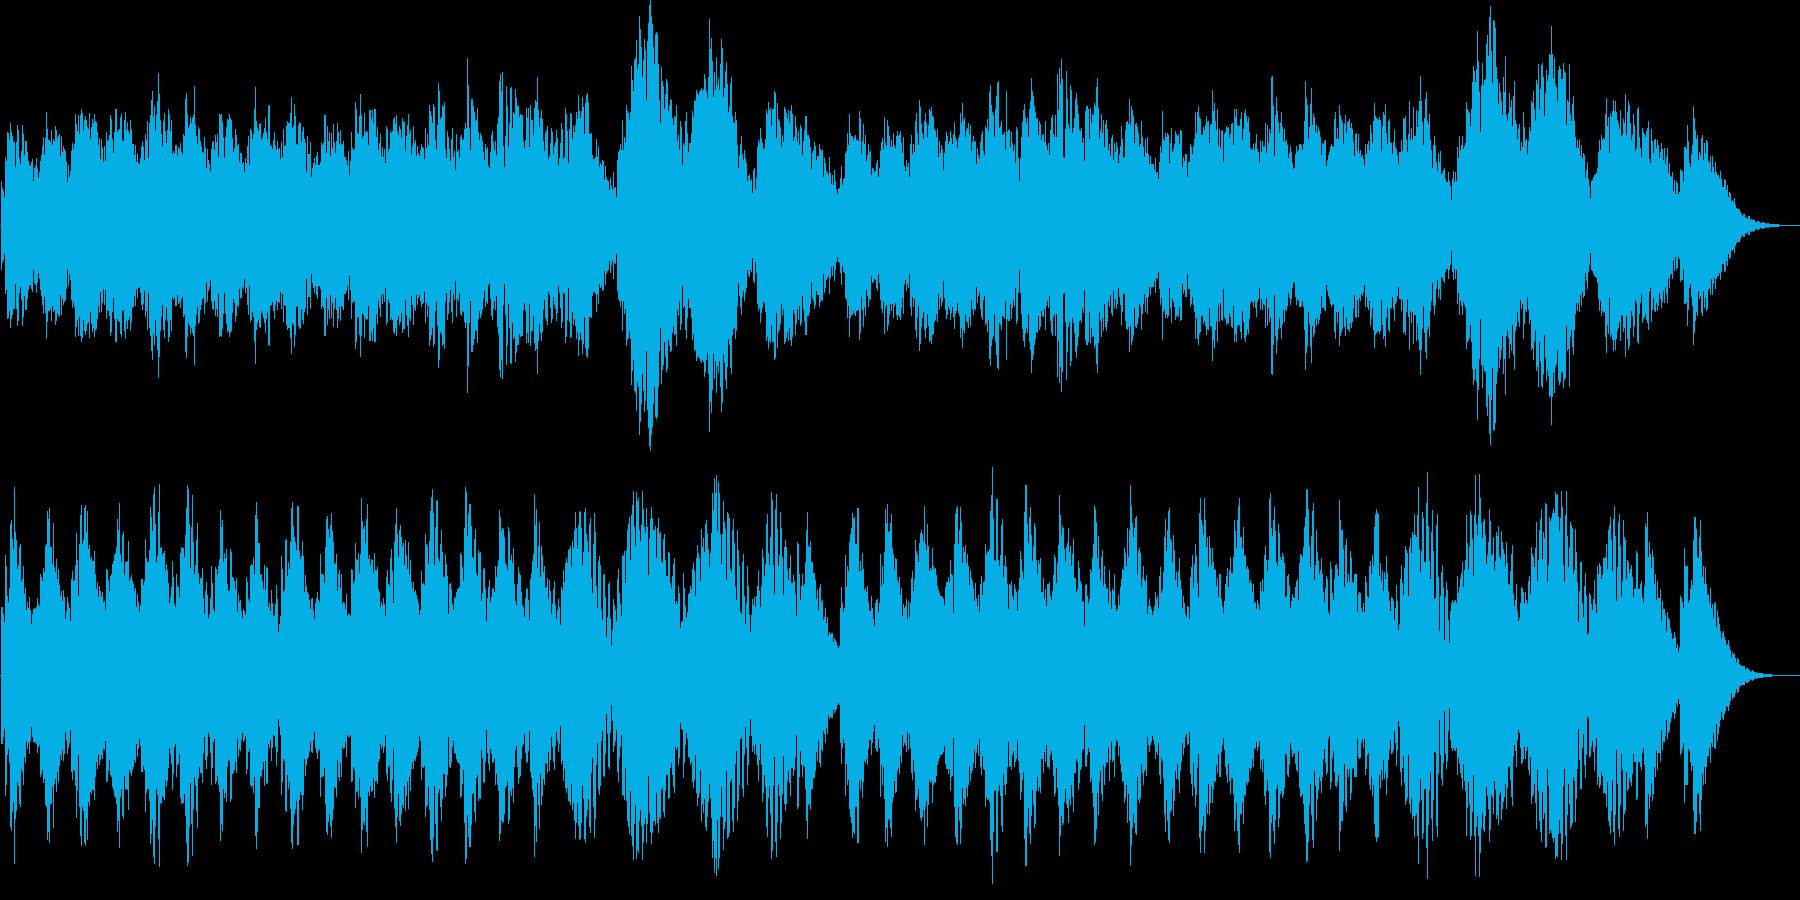 しっとり感のシンセサイザーサウンドの再生済みの波形